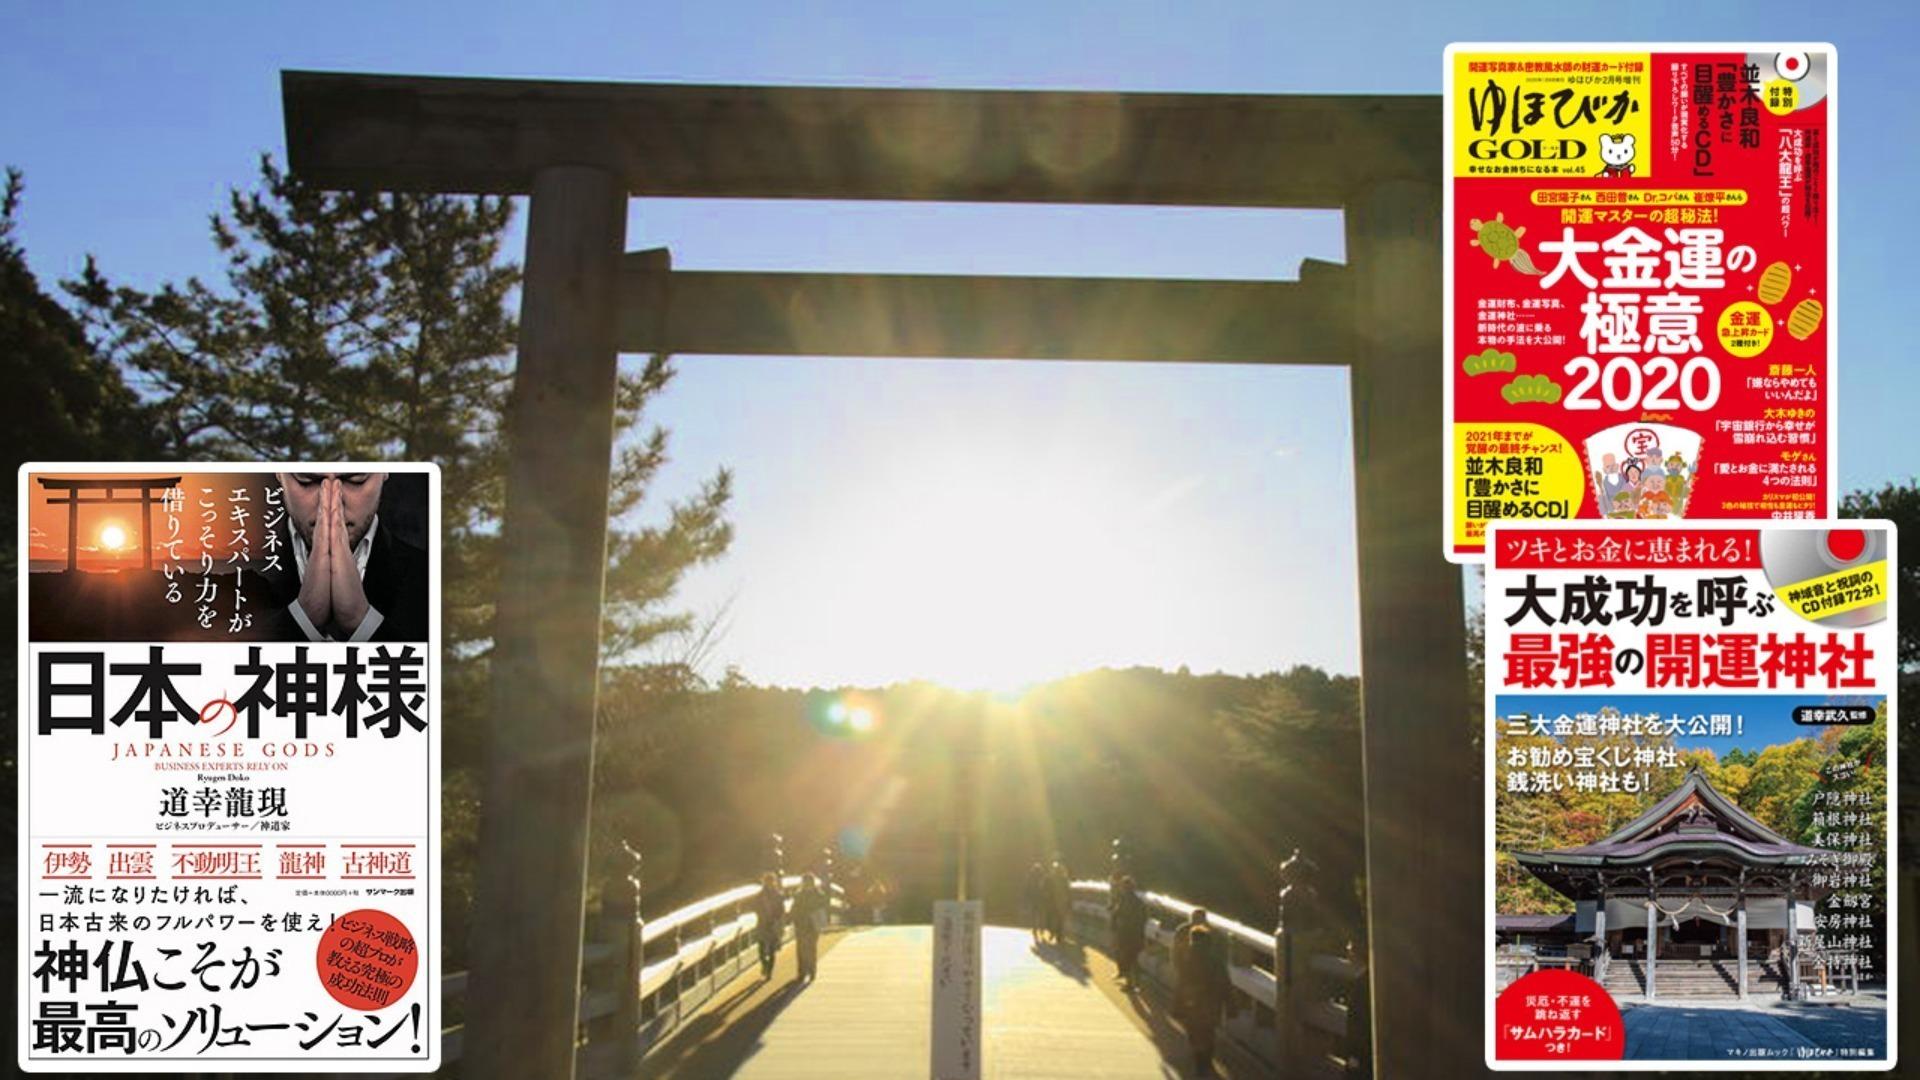 20.8.12【神道編】第18回 六根清浄大祓